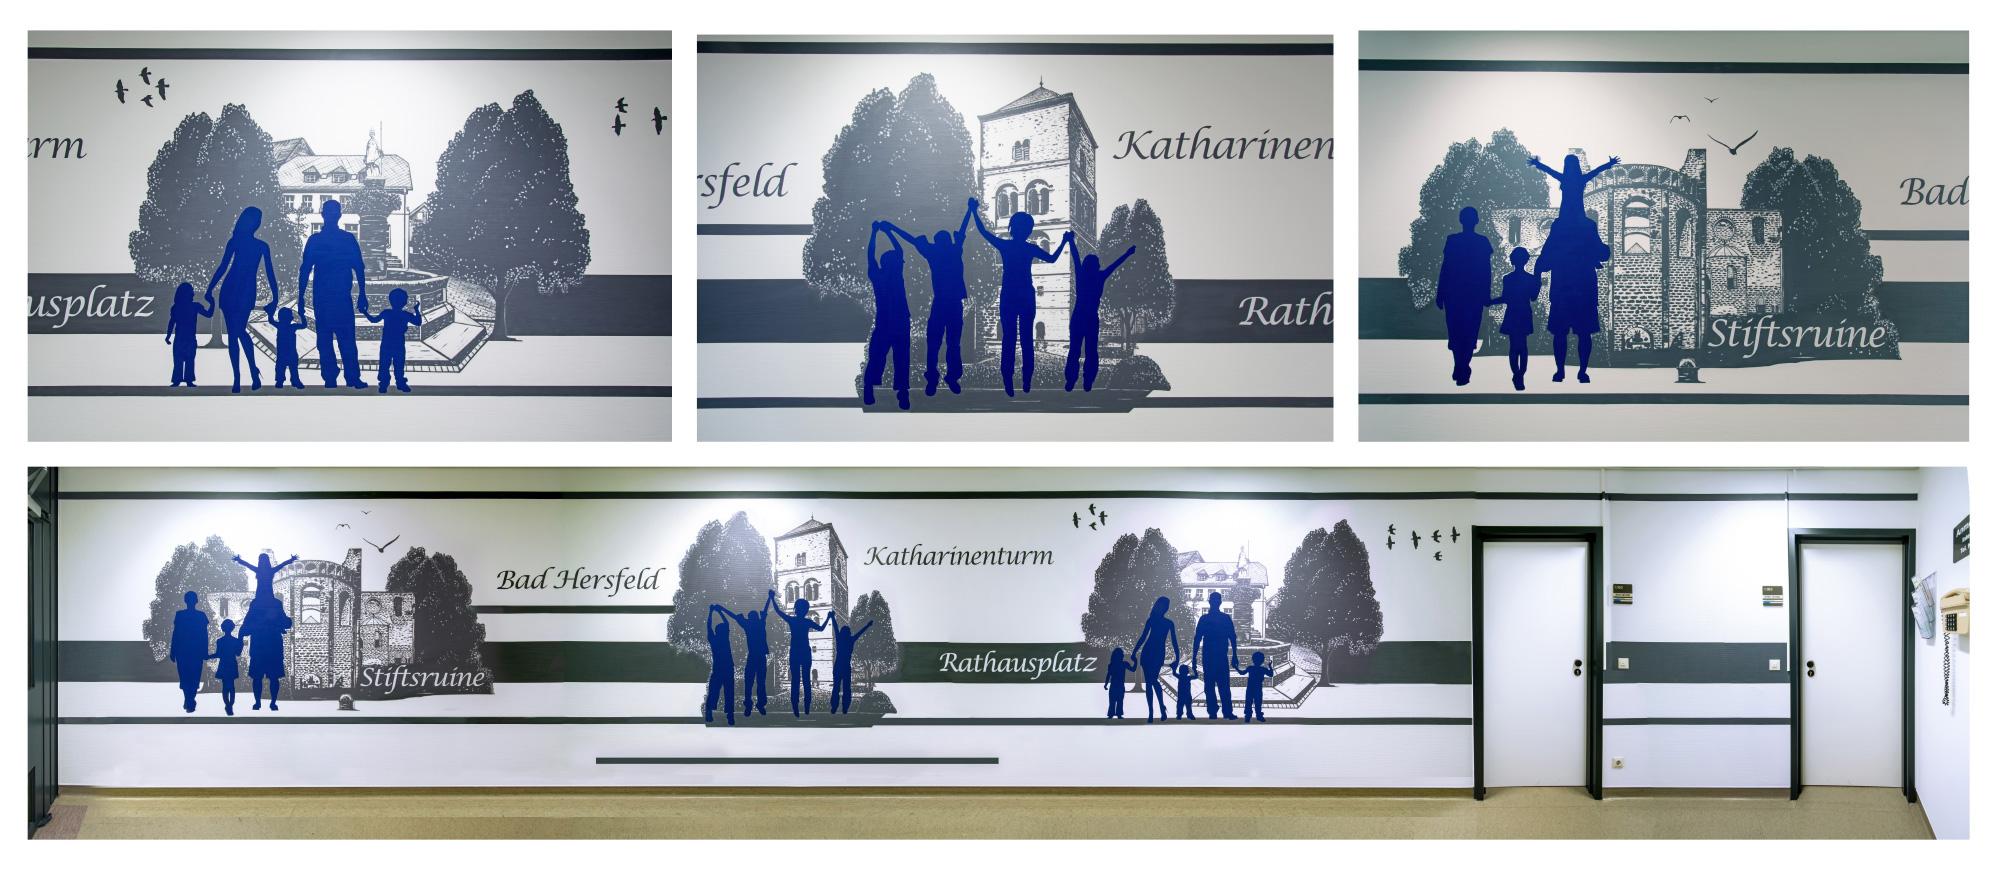 Kunst Wandmalerei im Krankenhaus Klinikum Bad Hersfeld Graffiti-Maler Sven Schmidt